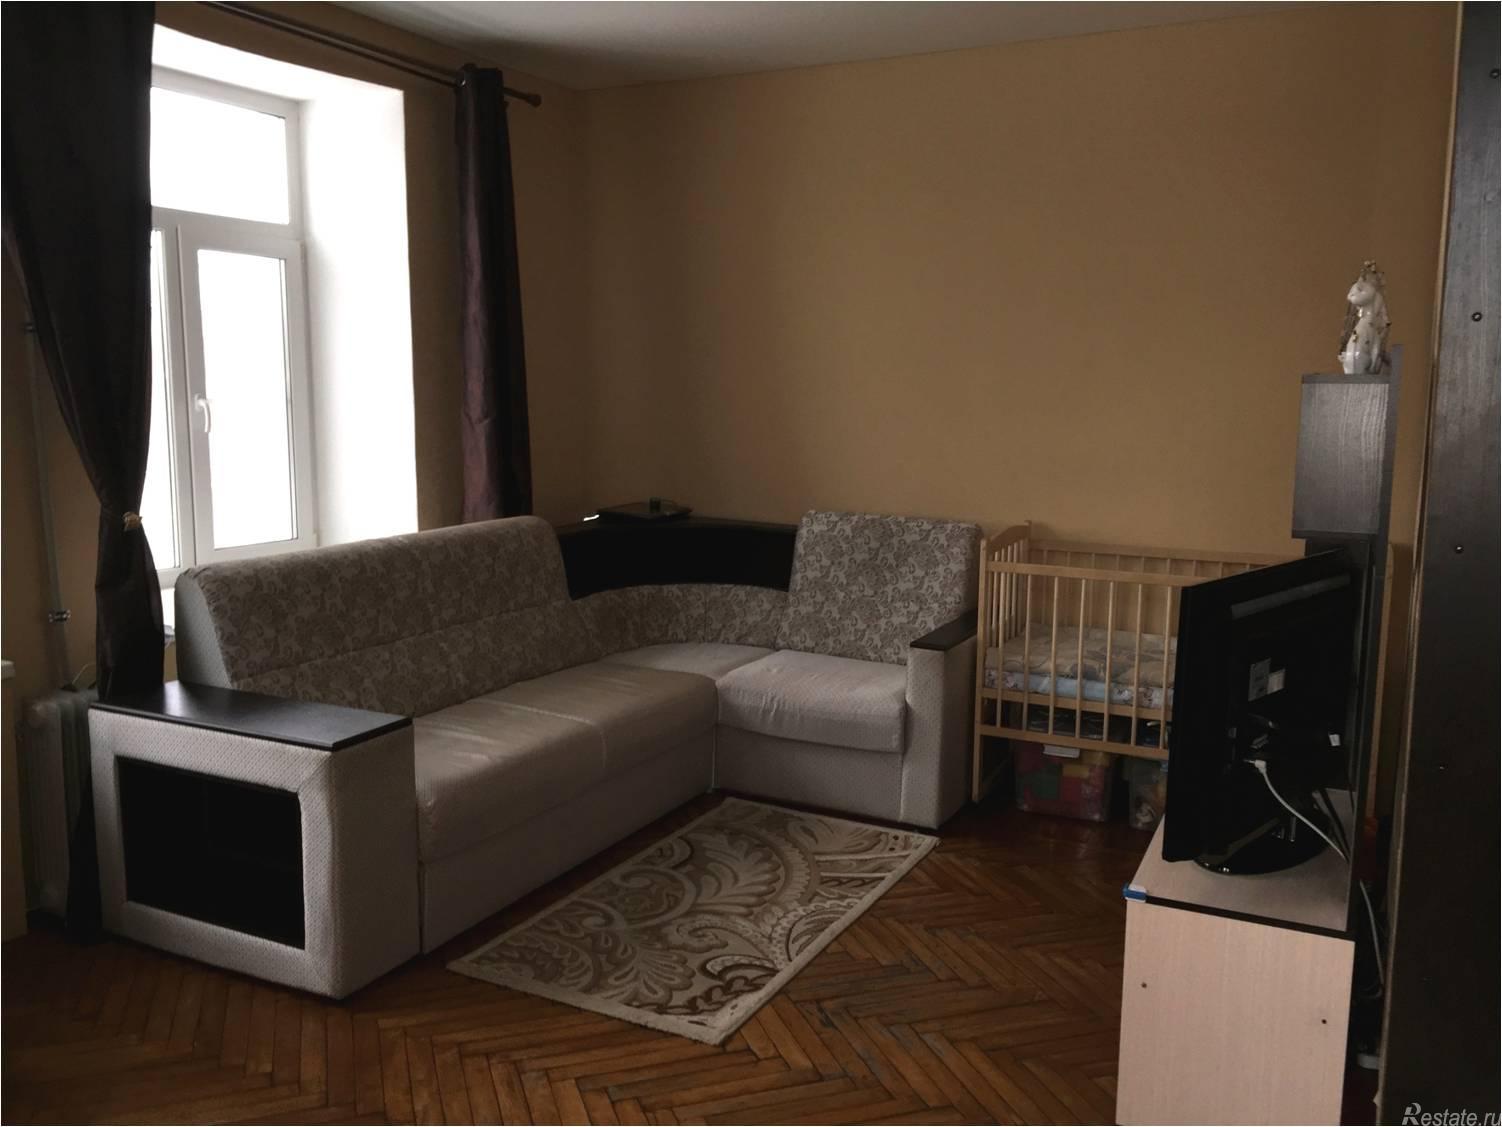 Продать Комнаты в квартирах Санкт-Петербург,  Петродворцовый,  Ветеранов пр., Стрельна п, Санкт-Петербургское ш